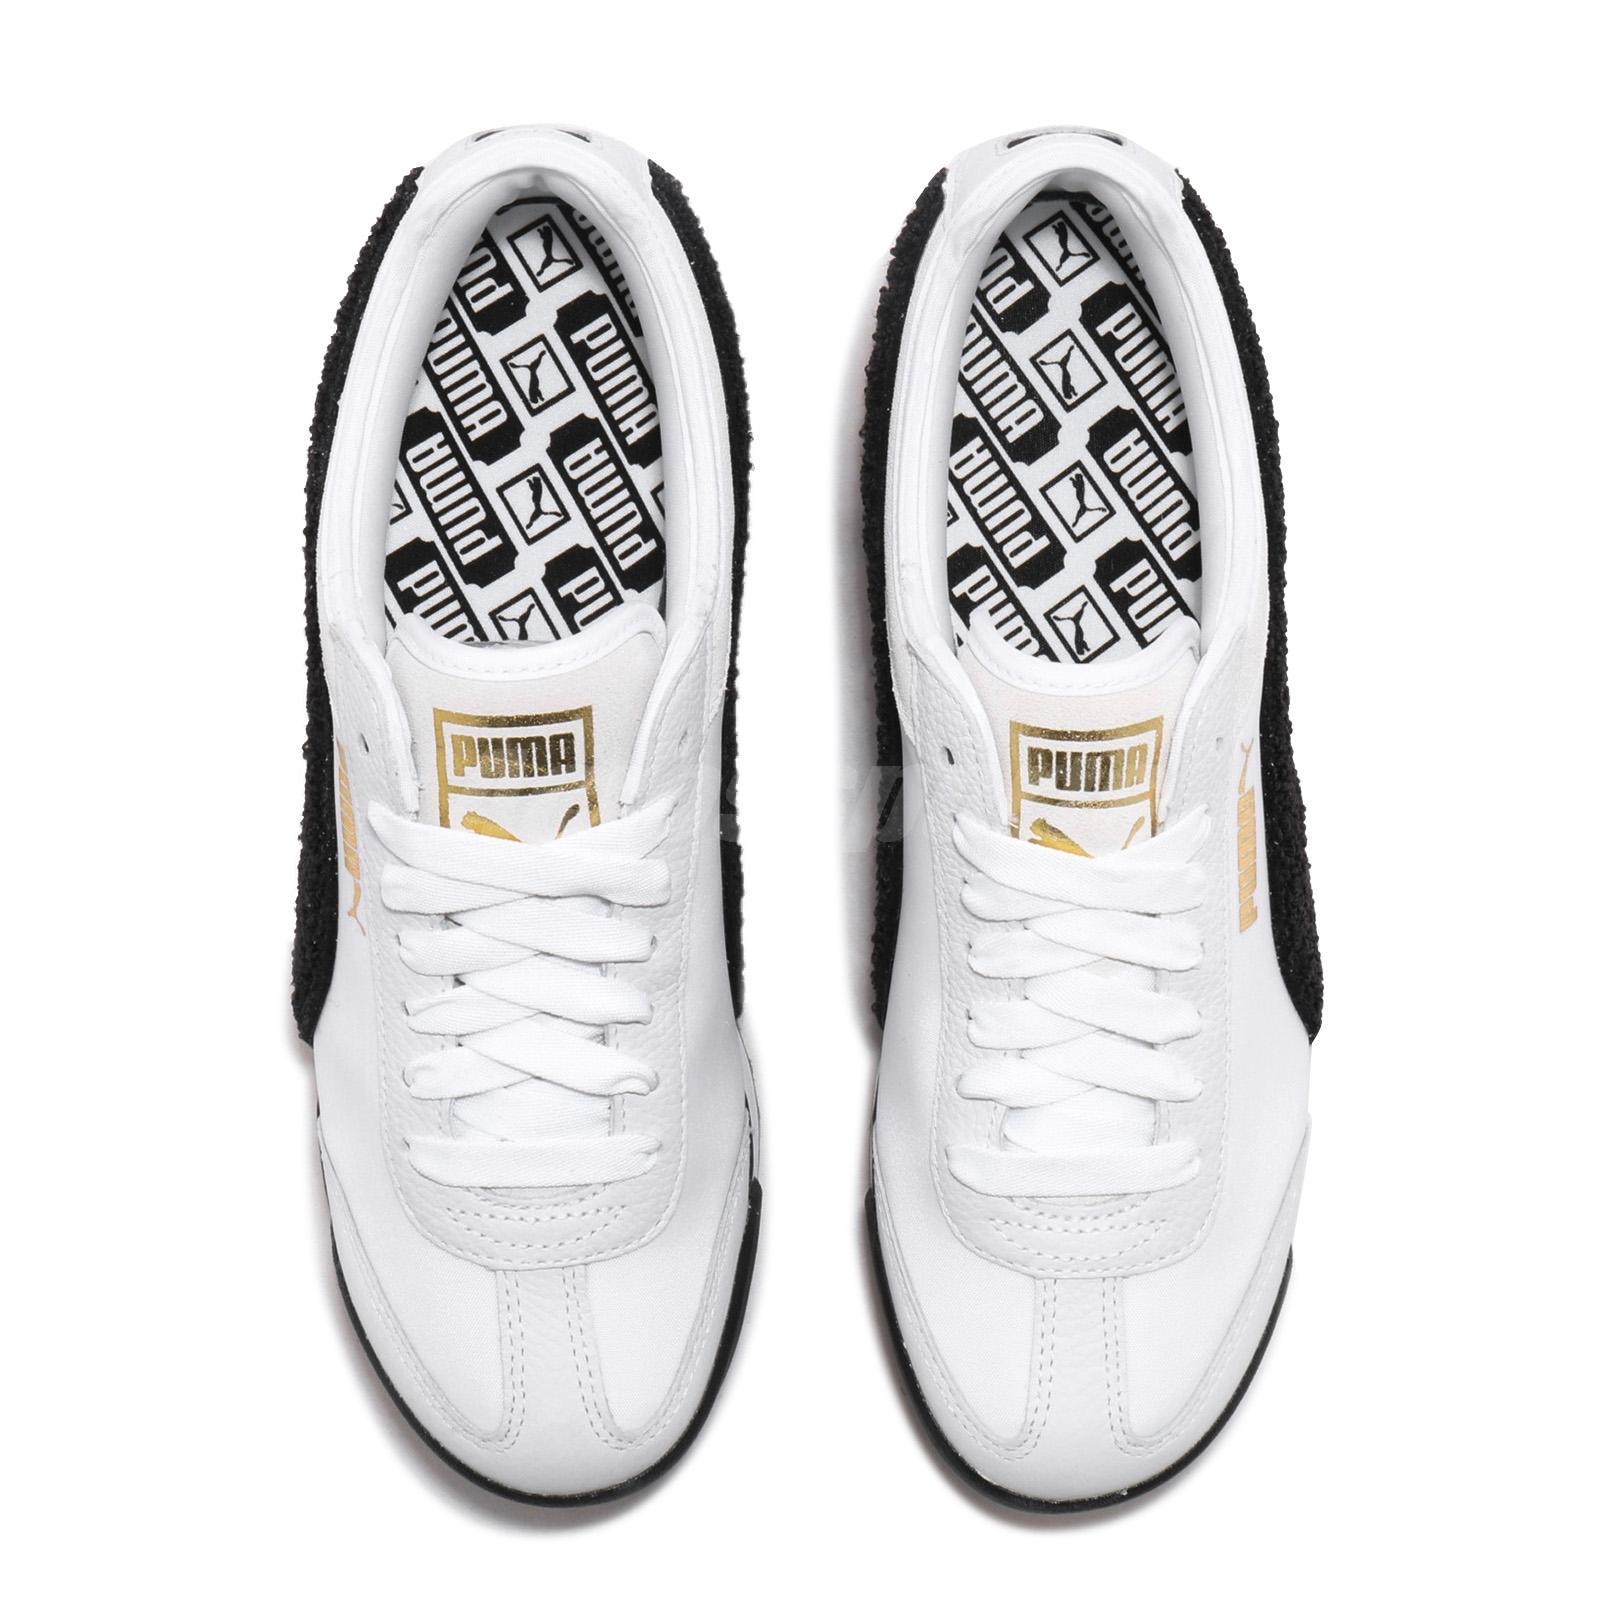 Détails sur Puma Roma Amor Heritage Wns White Black Gum Women Casual Platform Shoe 370947 01